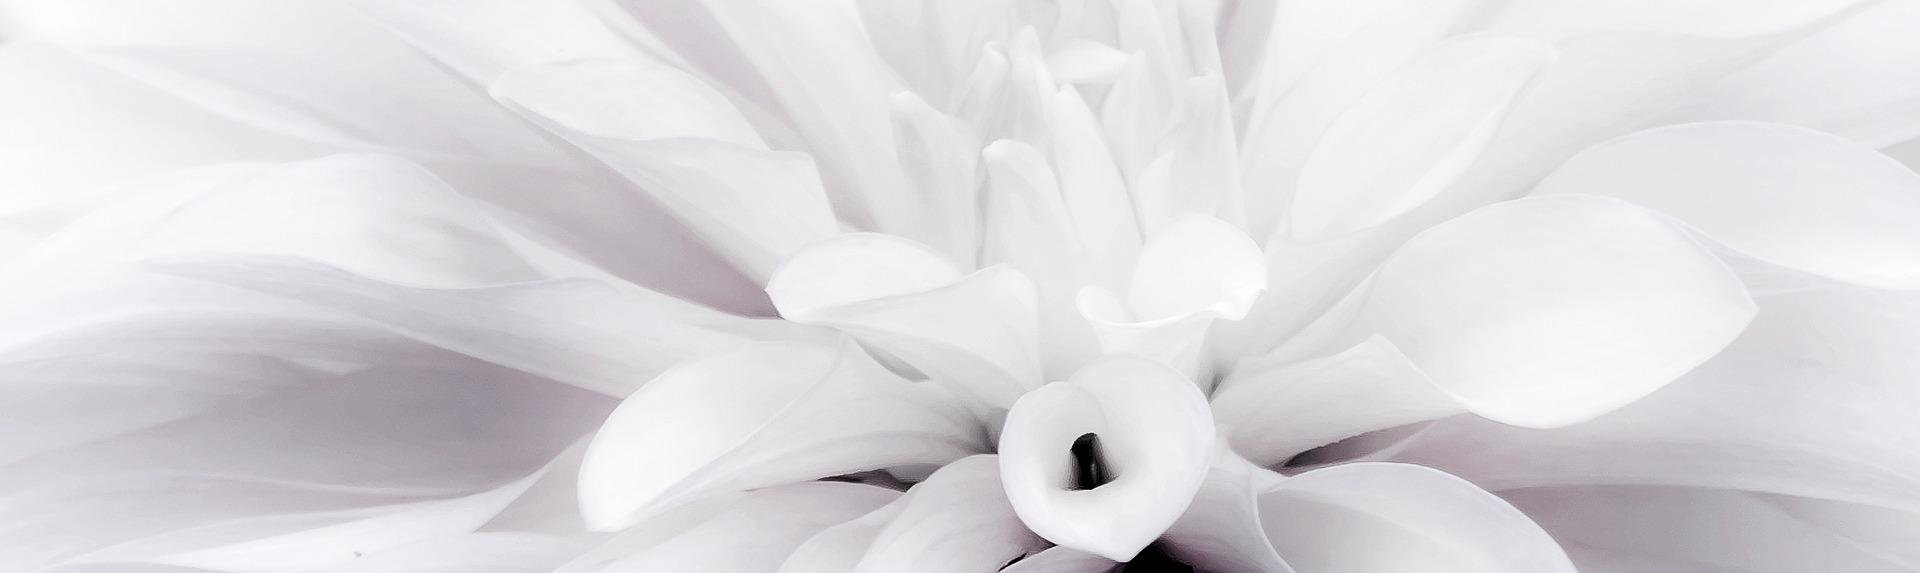 白いダリア。花言葉は感謝